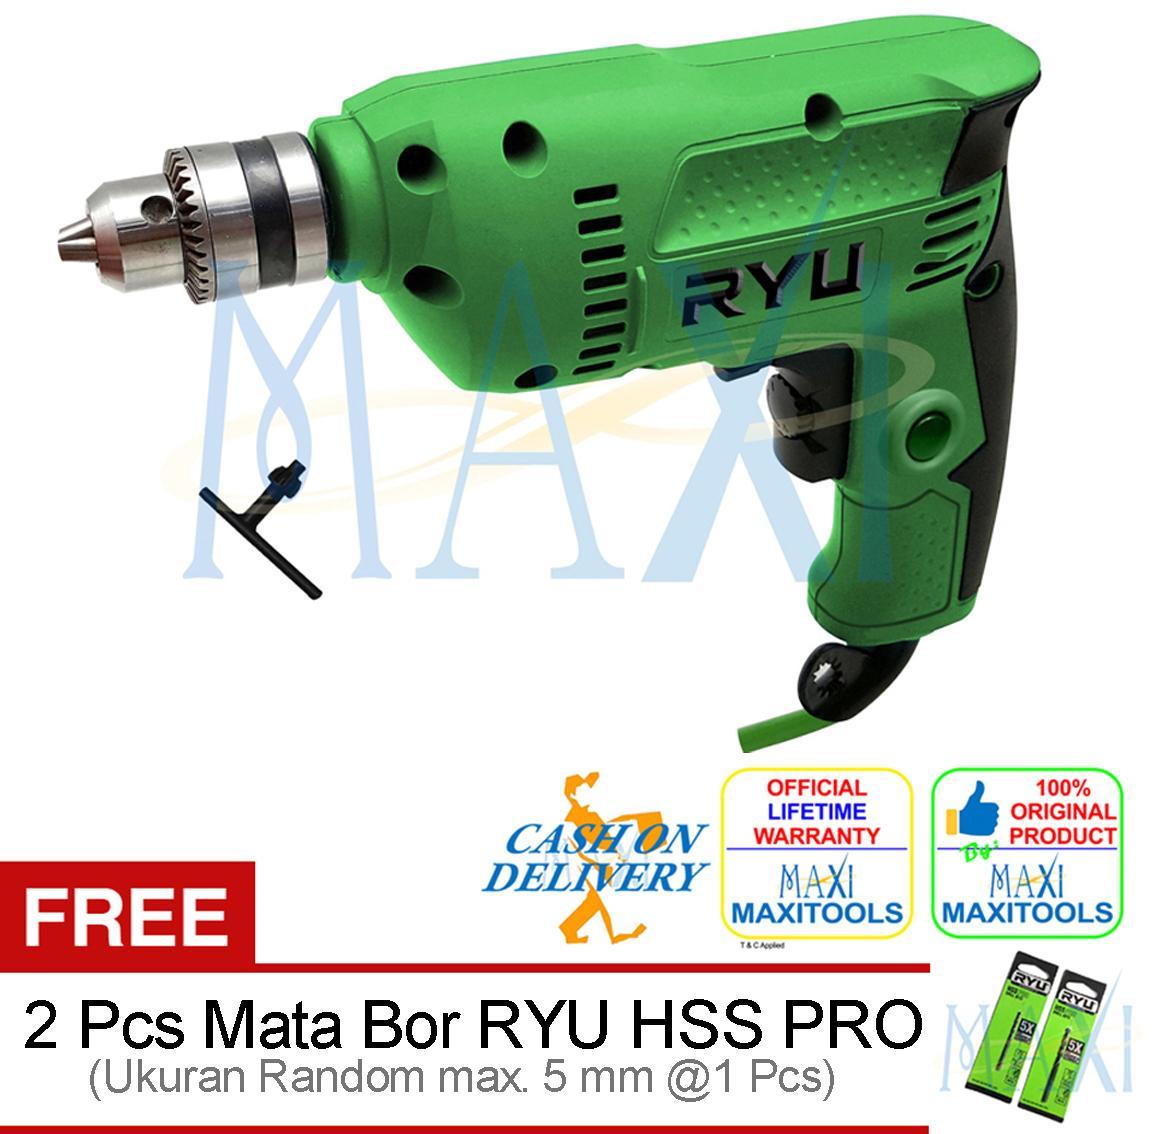 MAXITOOLS - Tekiro Ryu 10 mm Drill Mark III - Bor Variable Speed - Mesin Bor